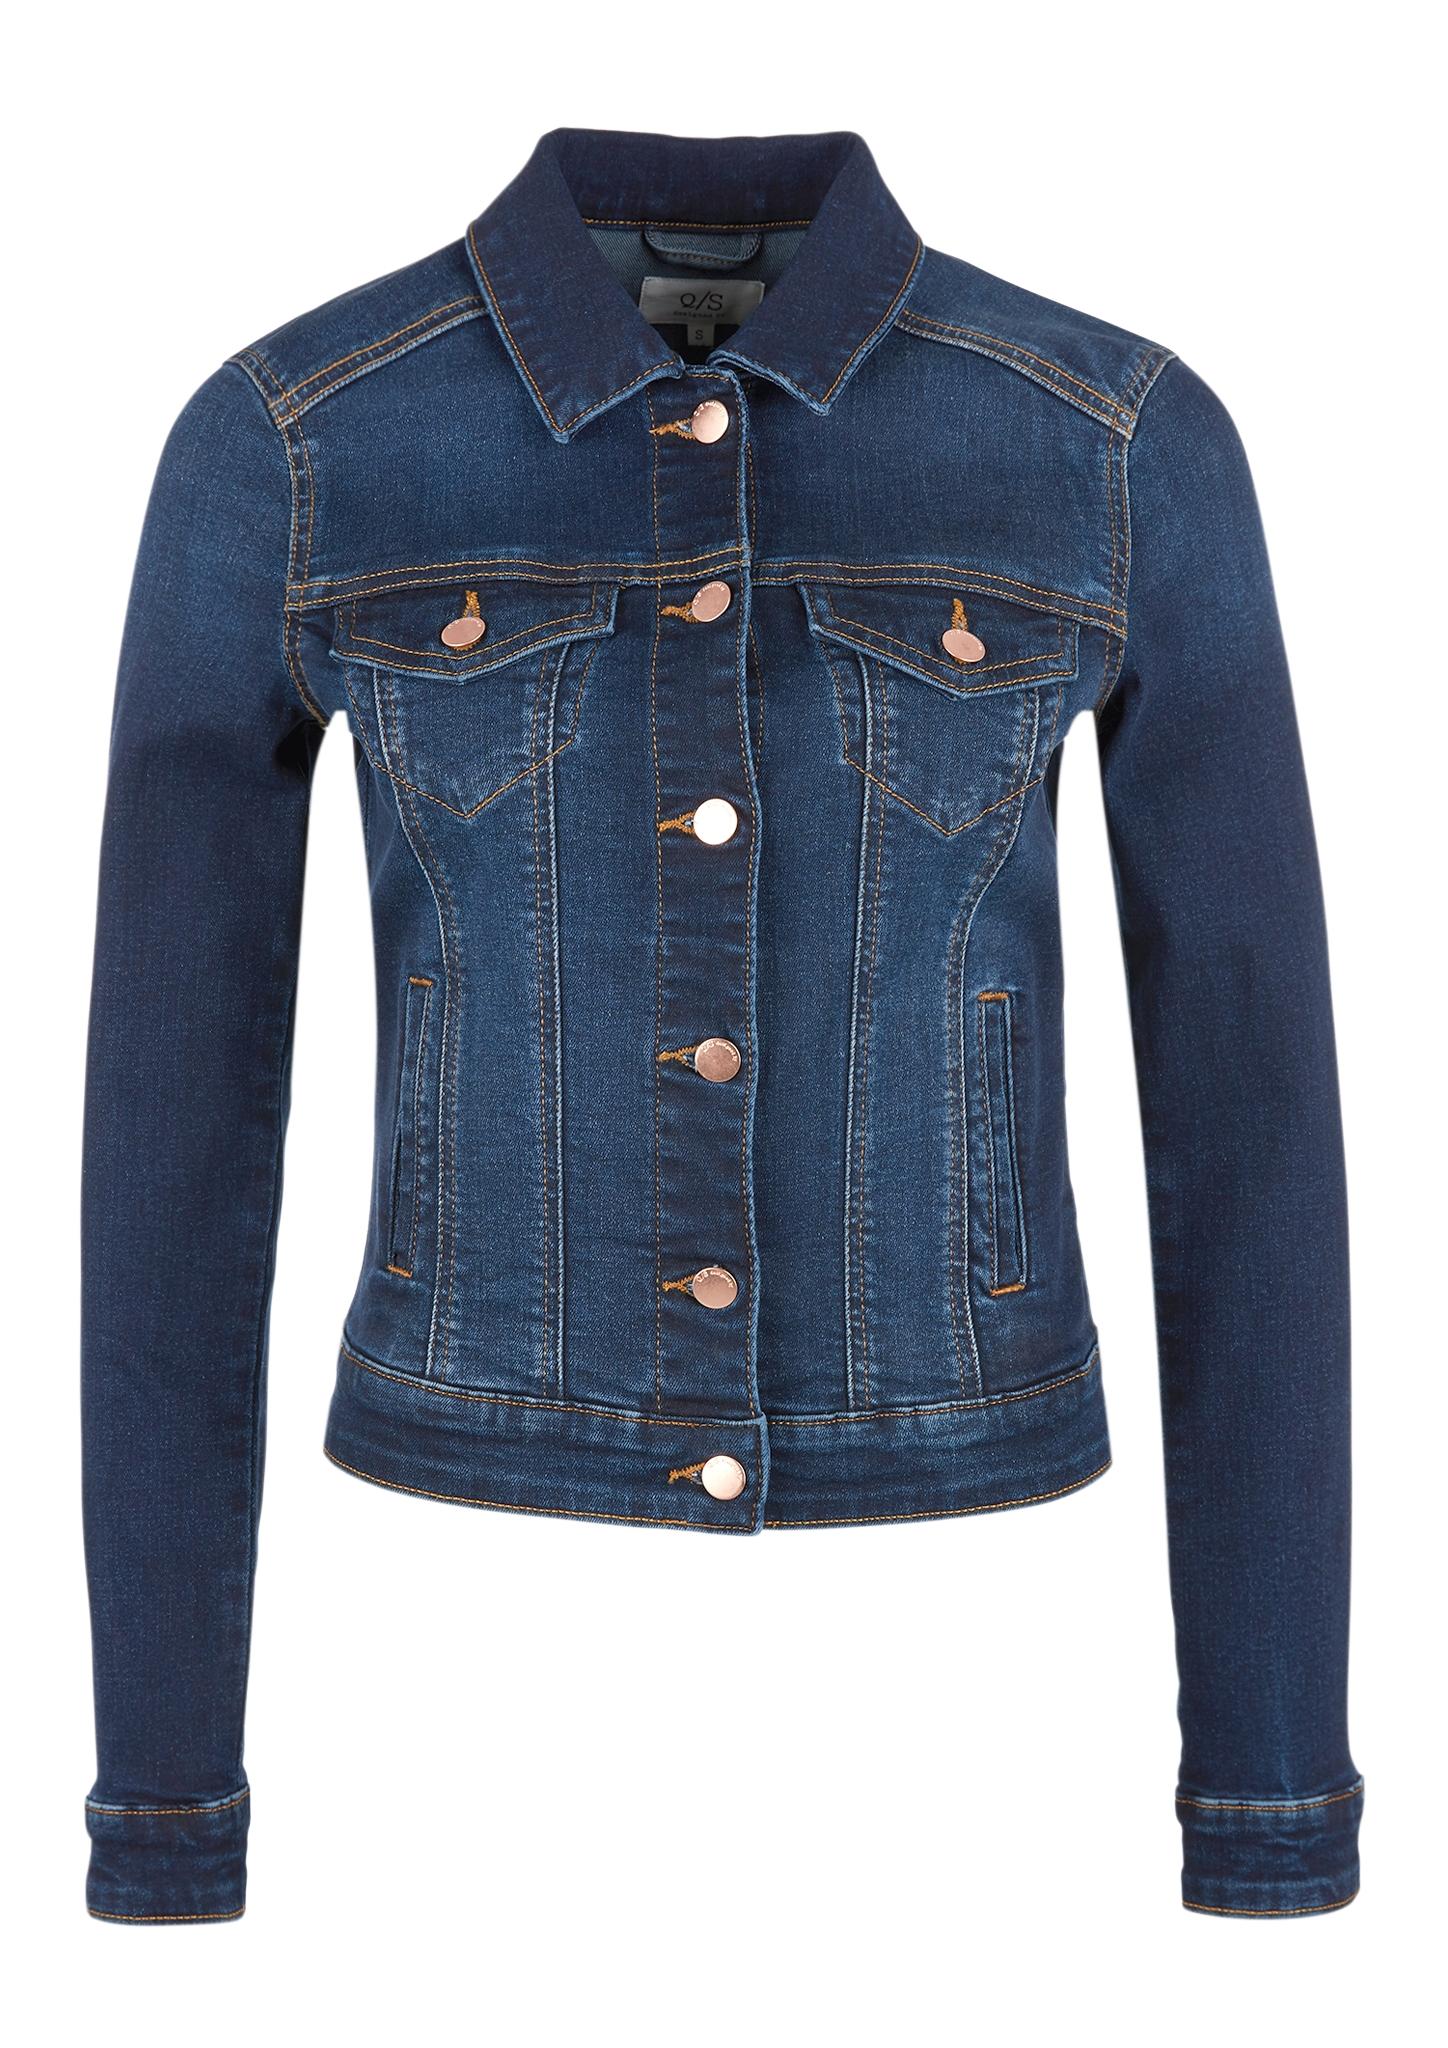 Jeansjacke | Bekleidung > Jacken > Jeansjacken | Blau | 99% baumwolle -  1% elasthan | Q/S designed by